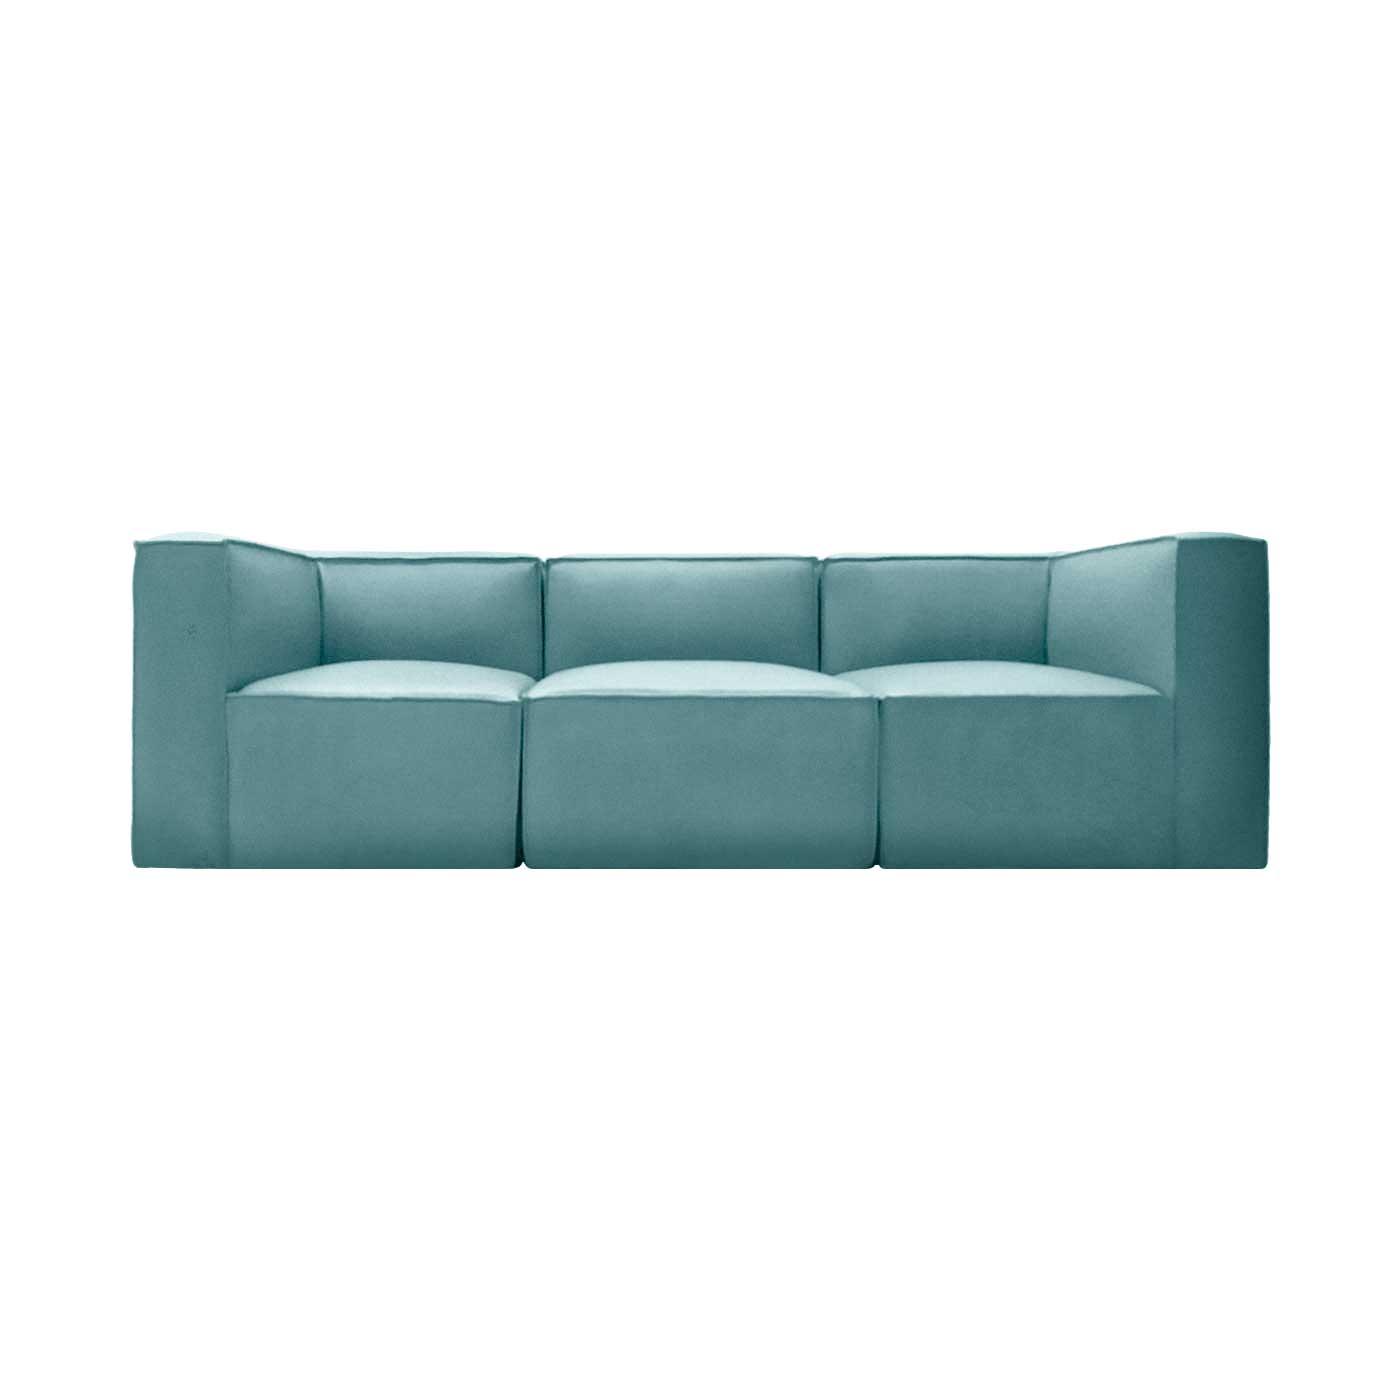 Malmo Aqua Green Sofa & Chaise